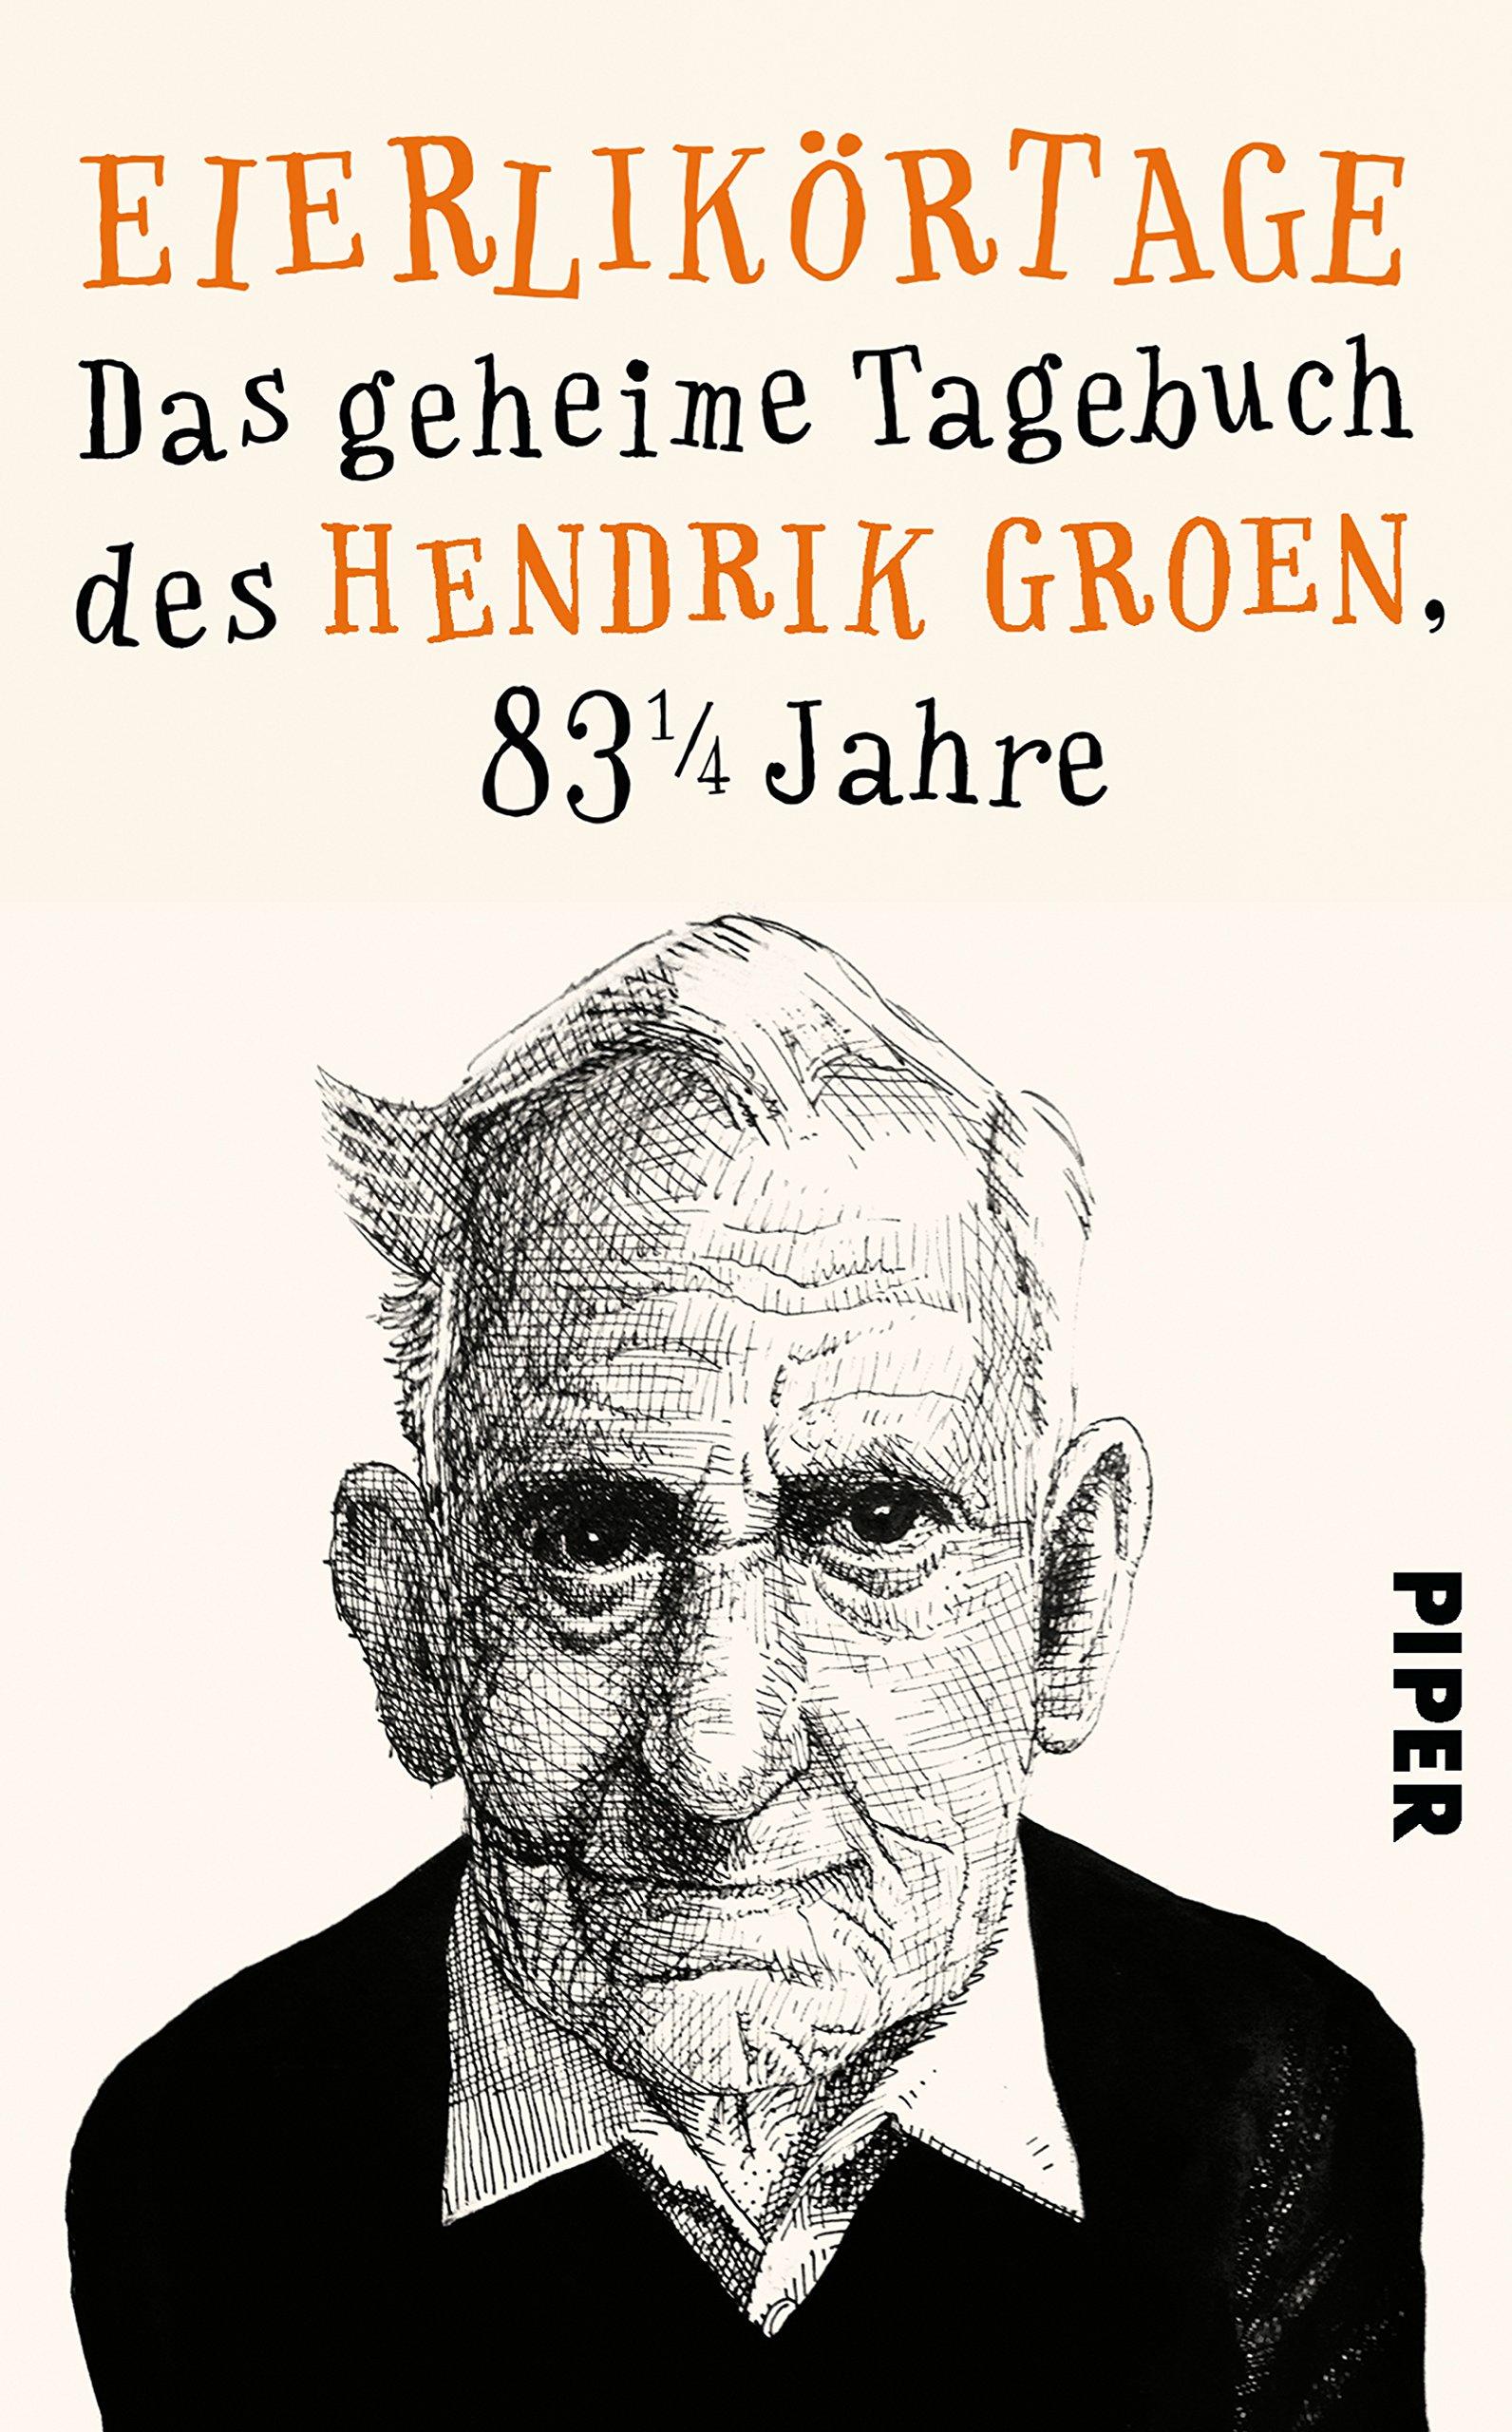 Eierlikörtage: Das geheime Tagebuch des Hendrik Groen, 83 1/4 Jahre